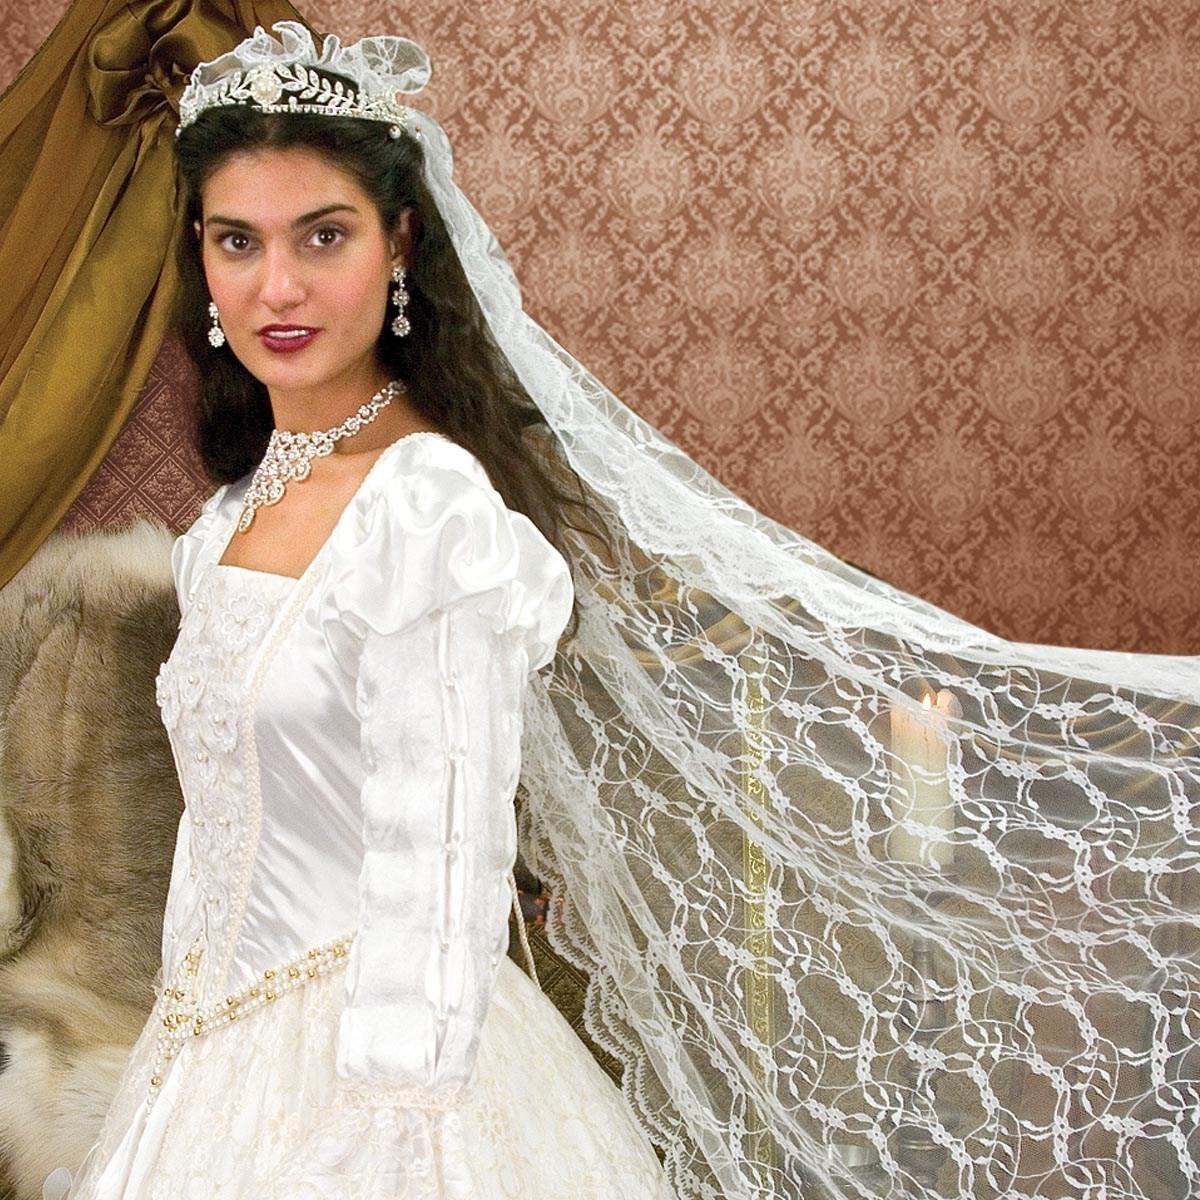 Renaissance Wedding Gown & Veil | Windlass Steelcrafts